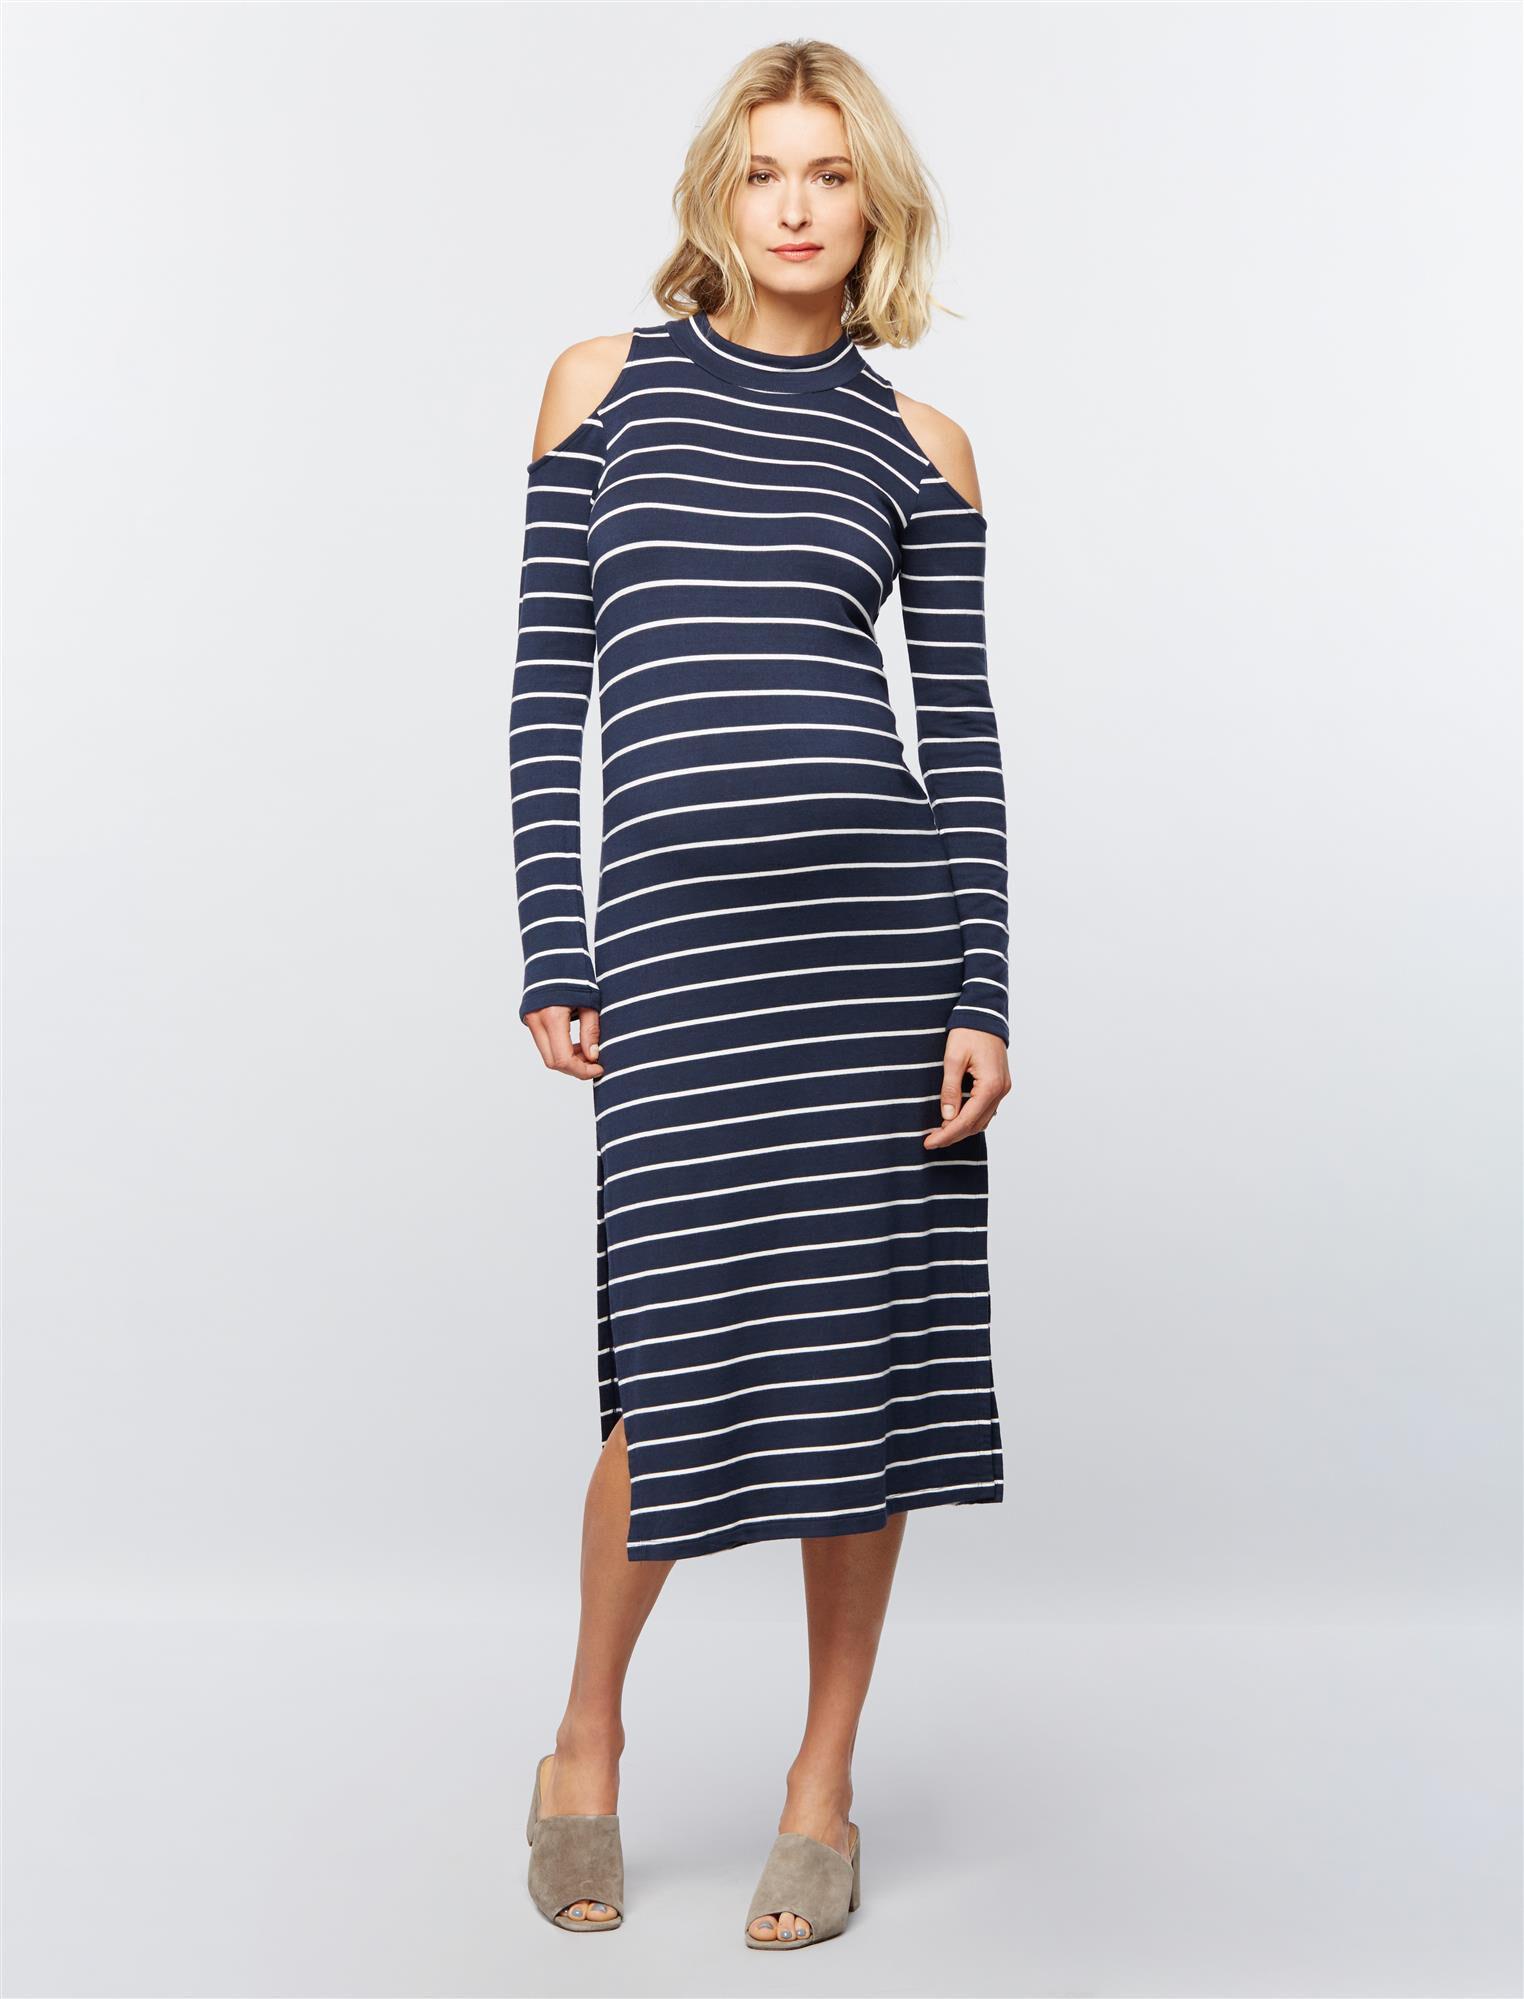 Splendid Cold Shoulder Maternity Dress